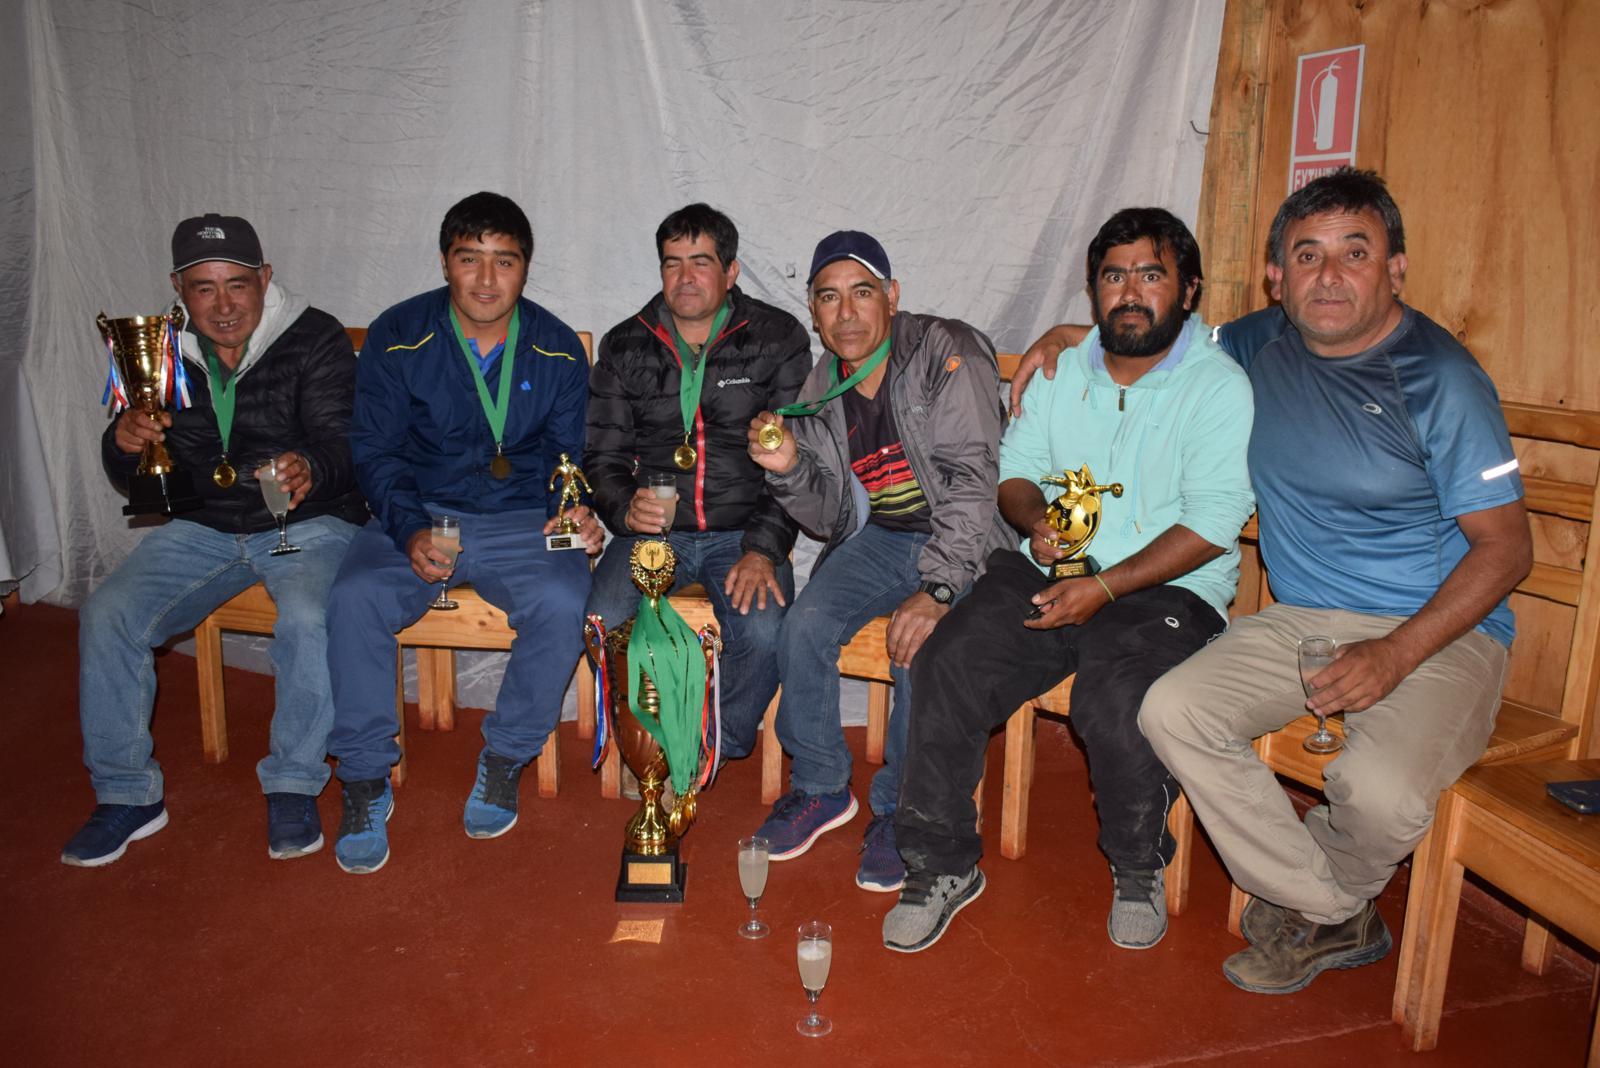 Unión Carrizalillo se llevó la copa del Campeonato de fútbol Domeyko